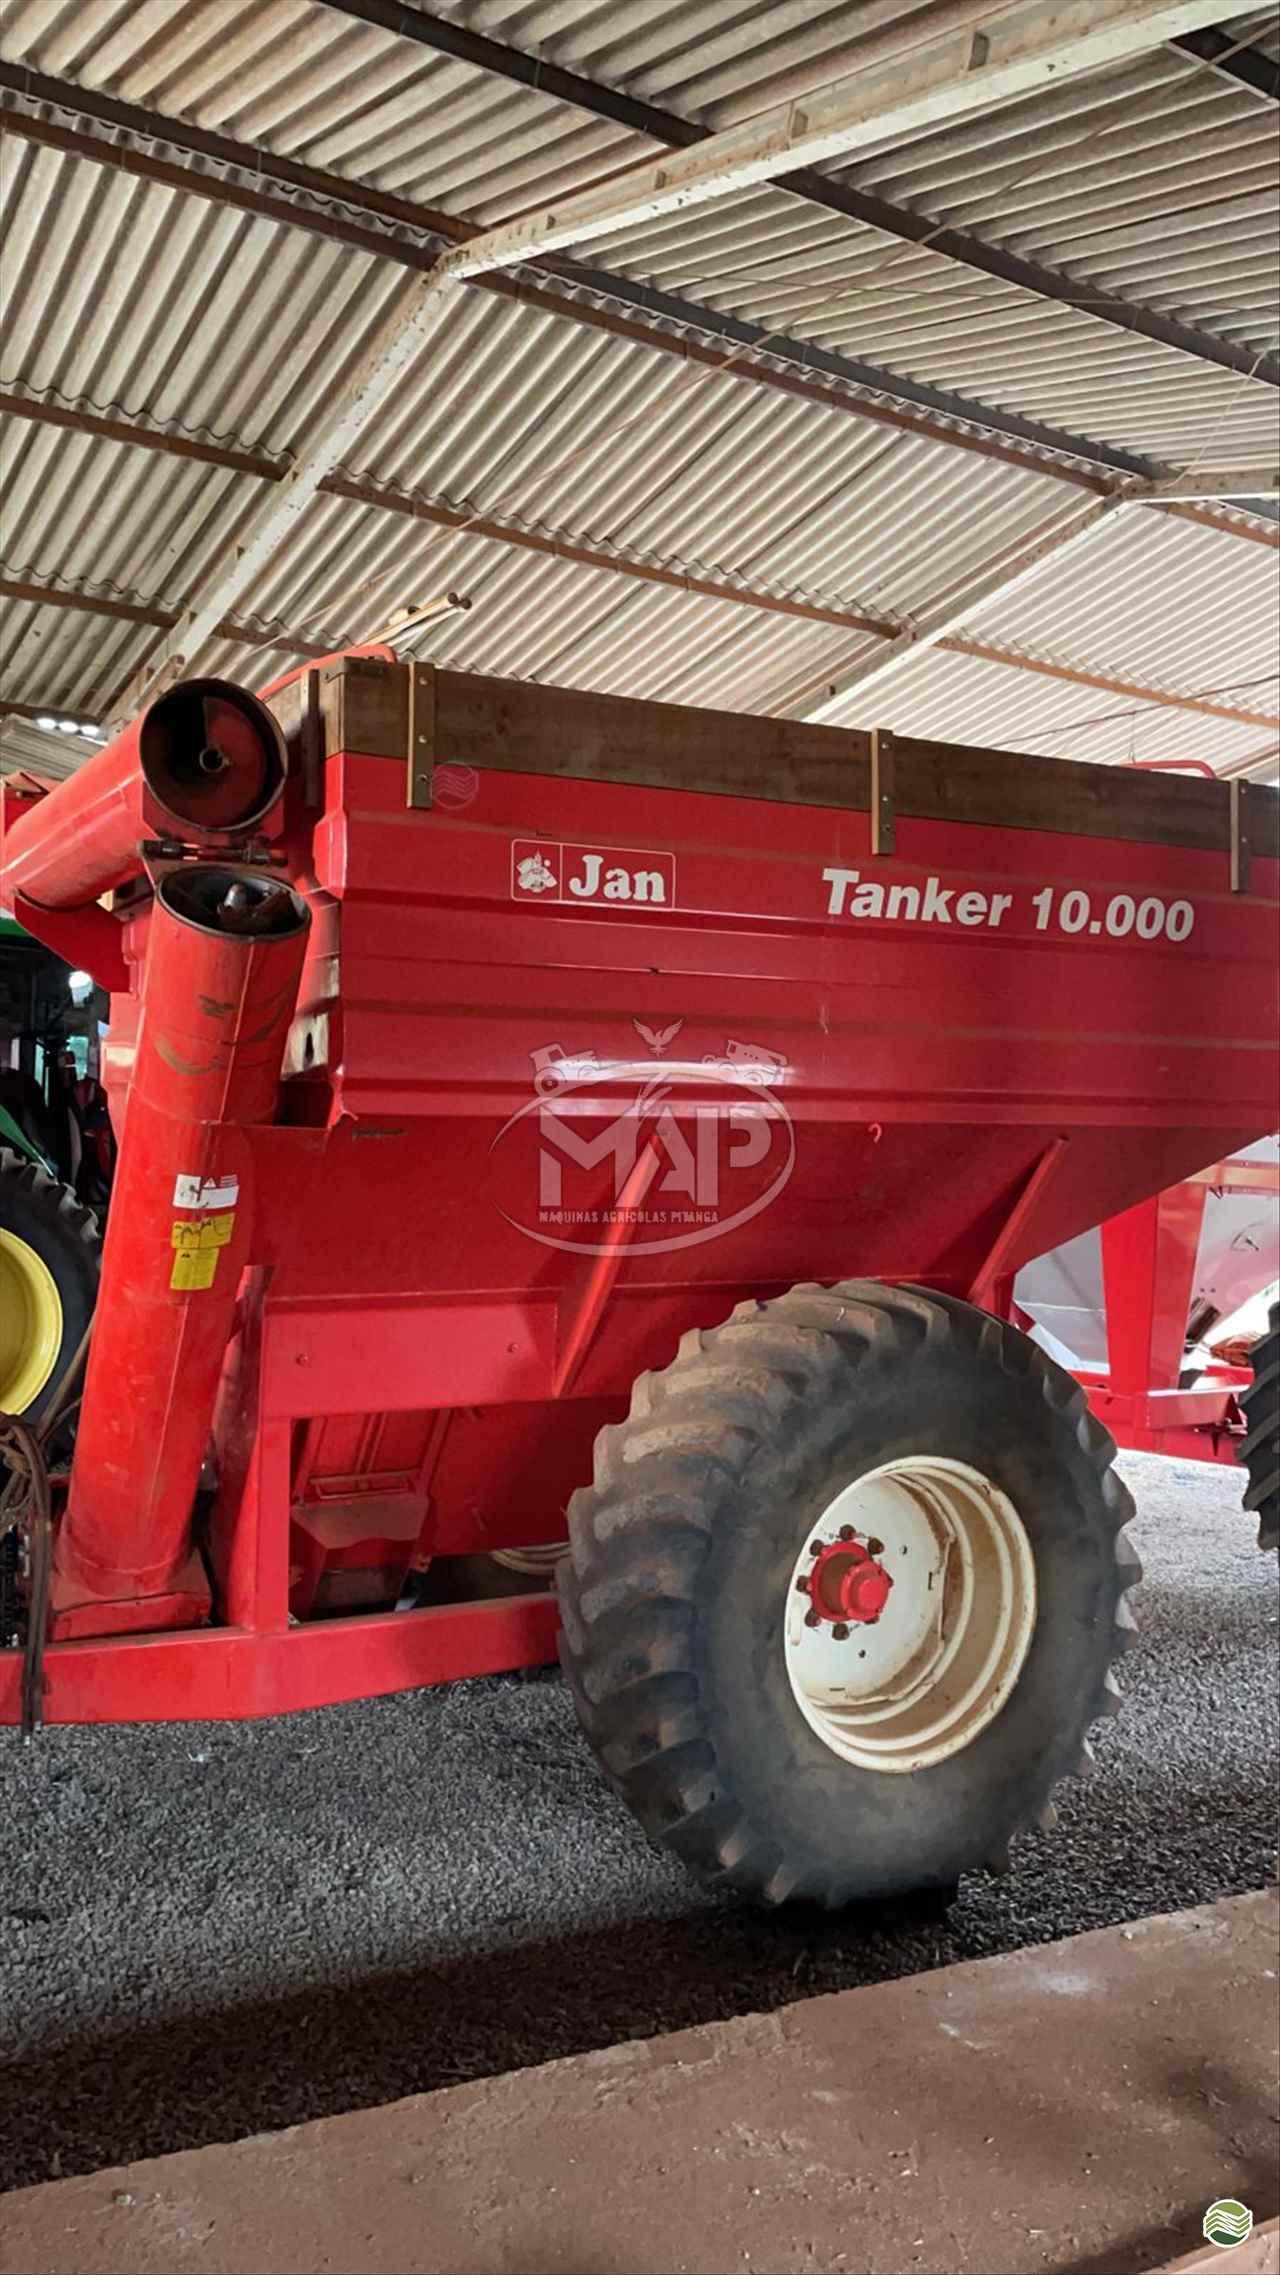 IMPLEMENTOS AGRICOLAS CARRETA BAZUKA GRANELEIRA 10000 Máquinas Agrícolas Pitanga PITANGA PARANÁ PR